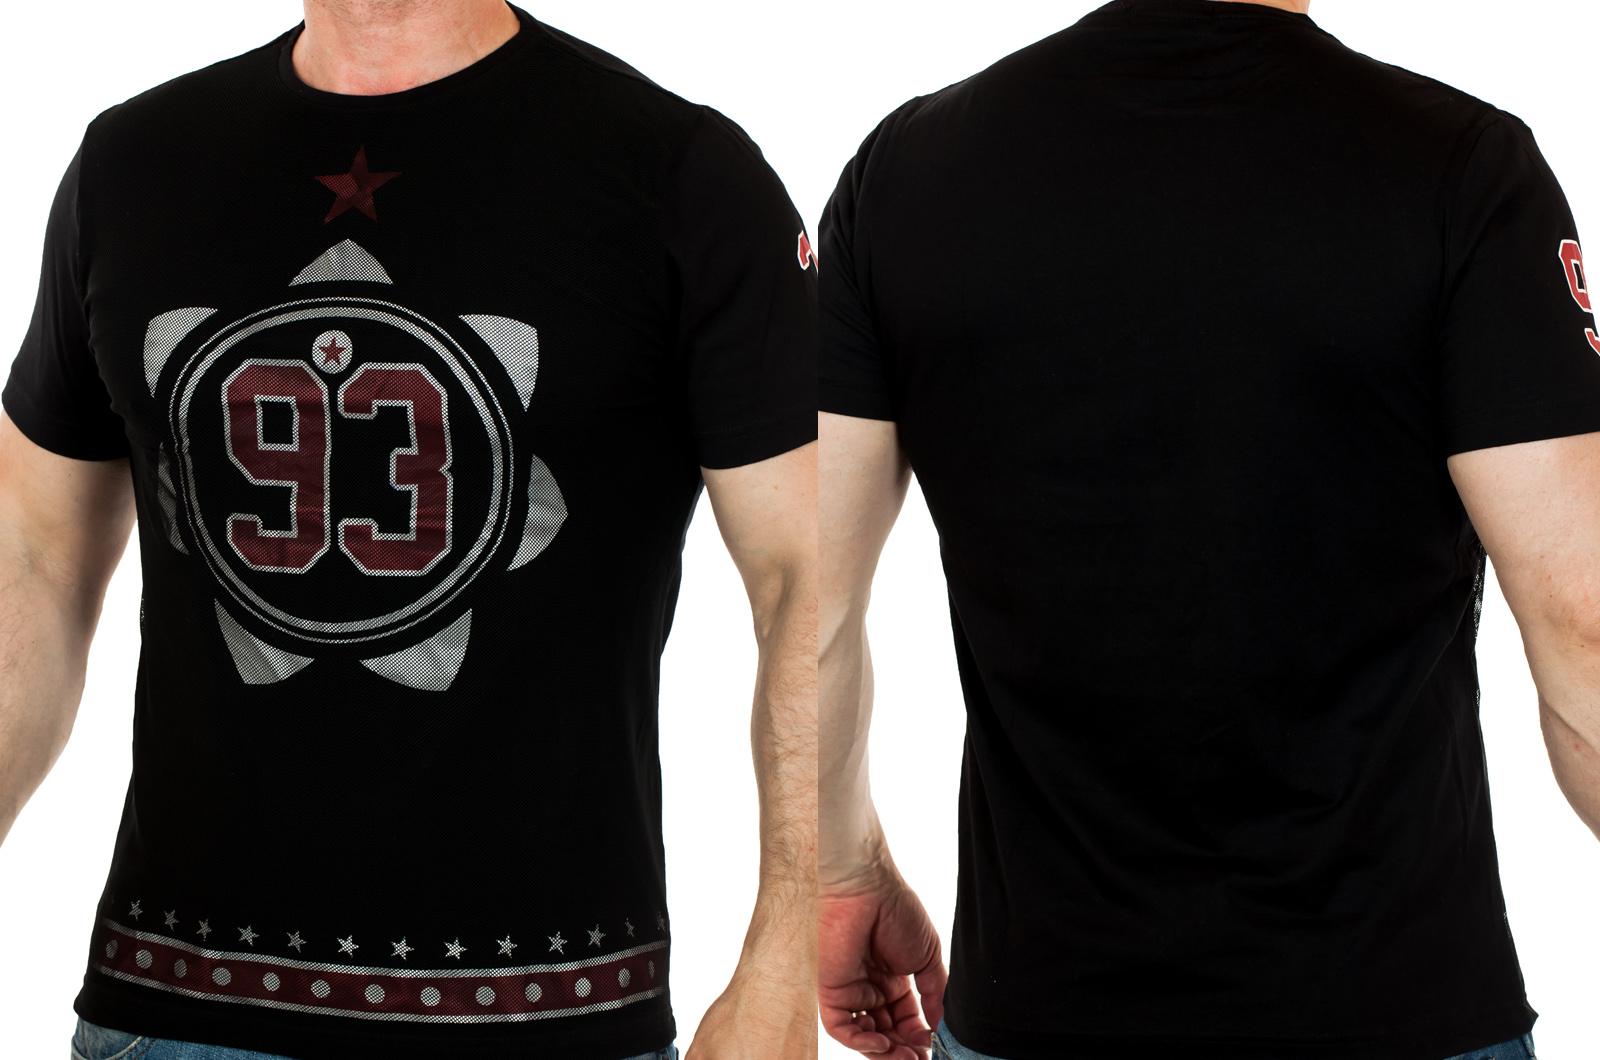 Черная мужская футболка с мелкой сеткой. Тусовочный вариант от ТМ SPLASH (ОАЭ)